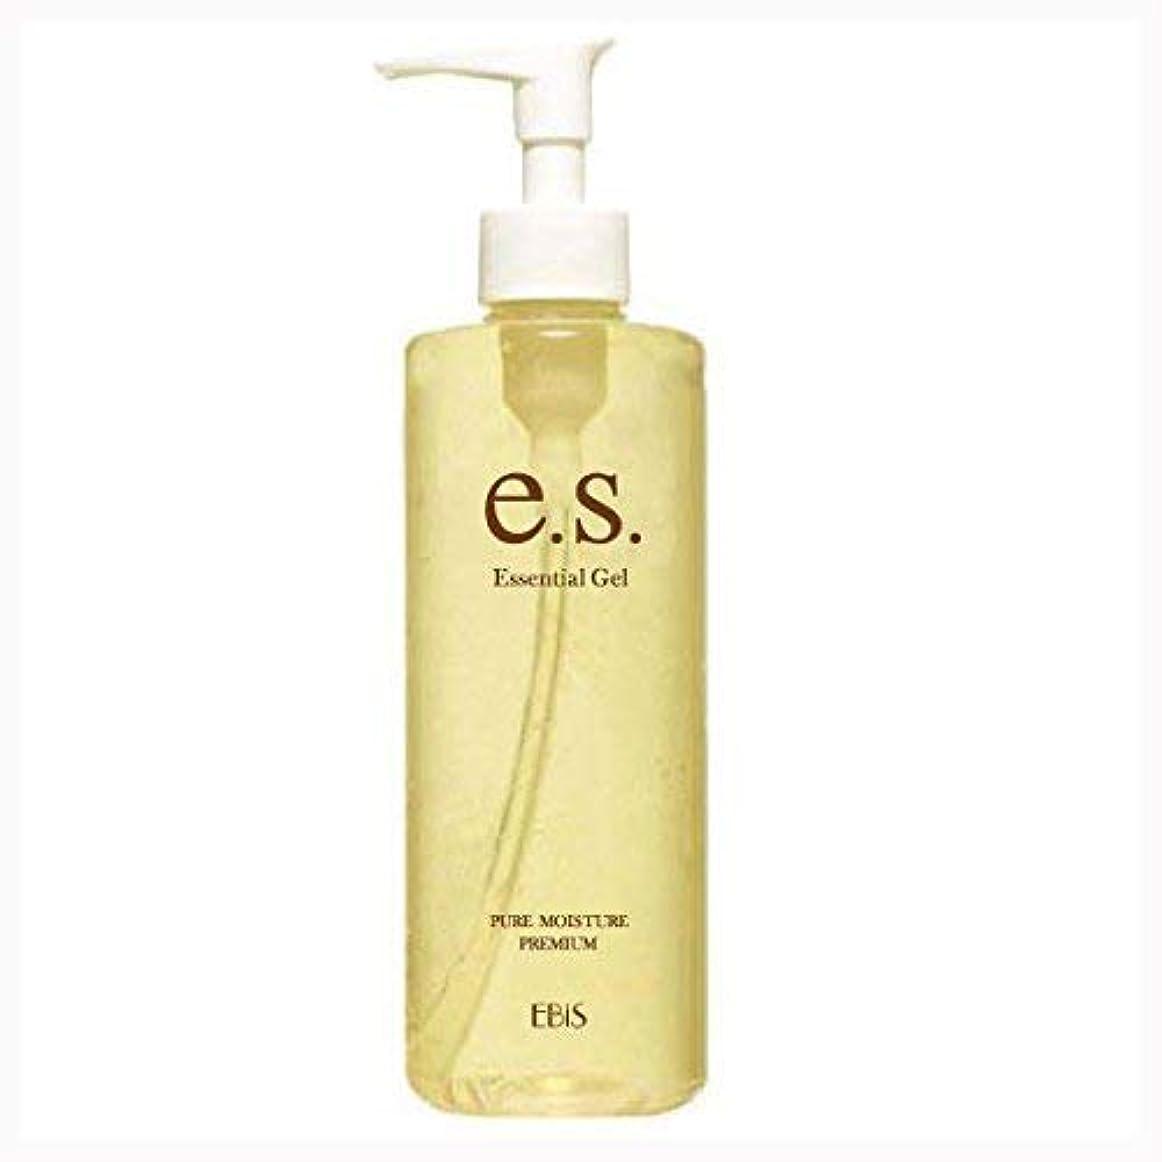 選択トレース死の顎エビス化粧品(EBiS) イーエスエッセンシャルジェル (310g) 美顔器ジェル 無添加処方 アルコールフリー 日本製 男女兼用 保湿ジェル